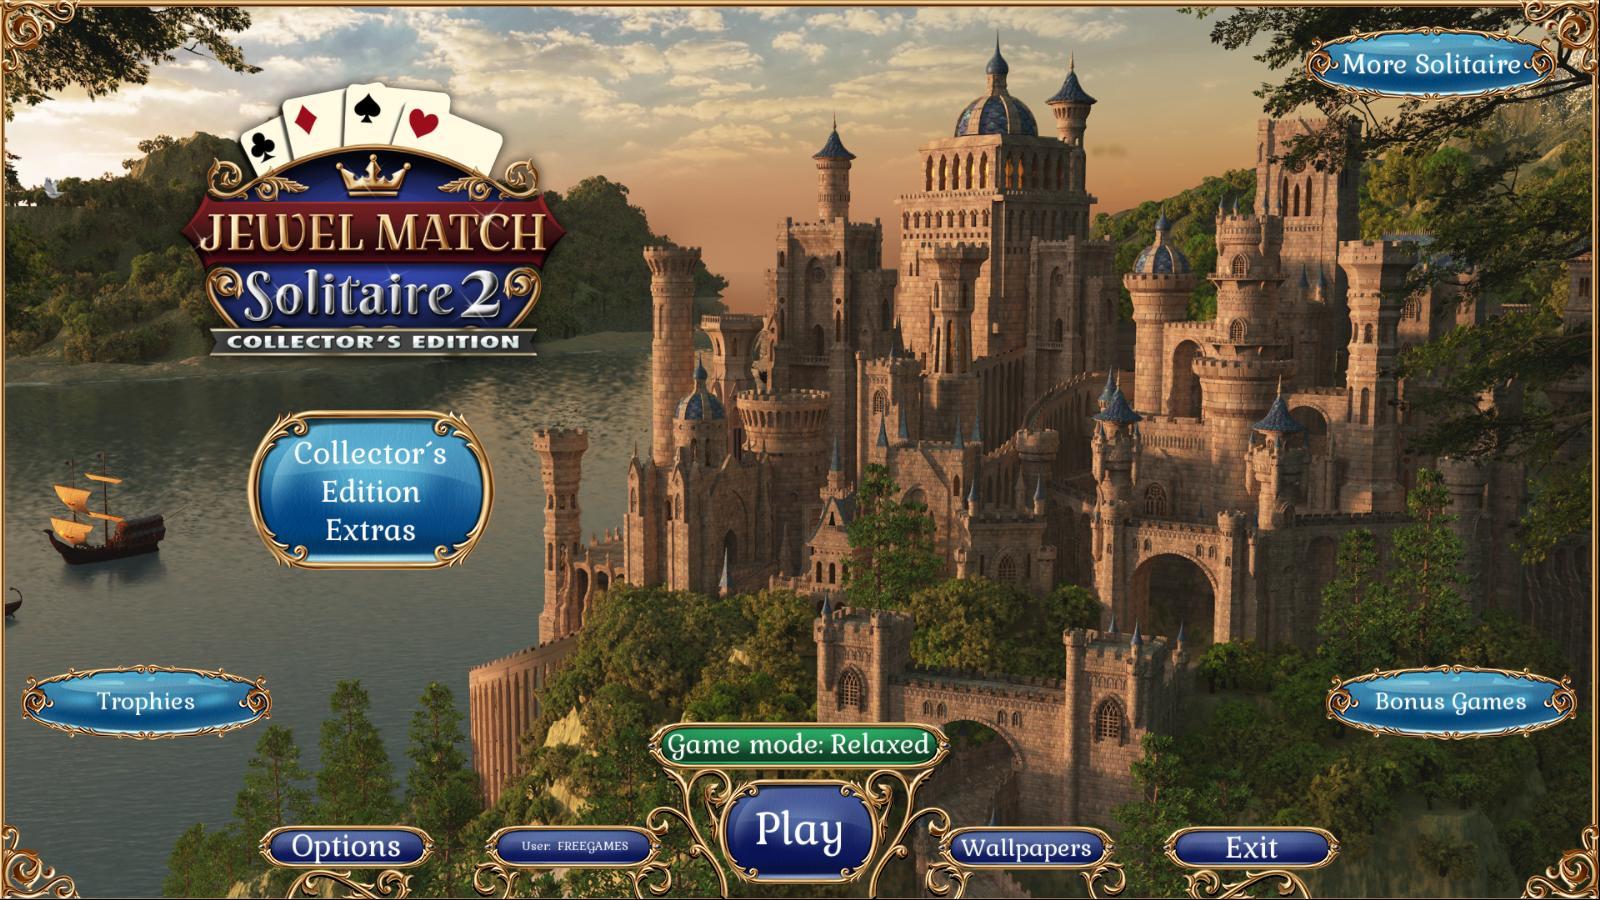 Джевел матч Пасьянс 2. Коллекционное издание | Jewel Match Solitaire 2 CE (En)